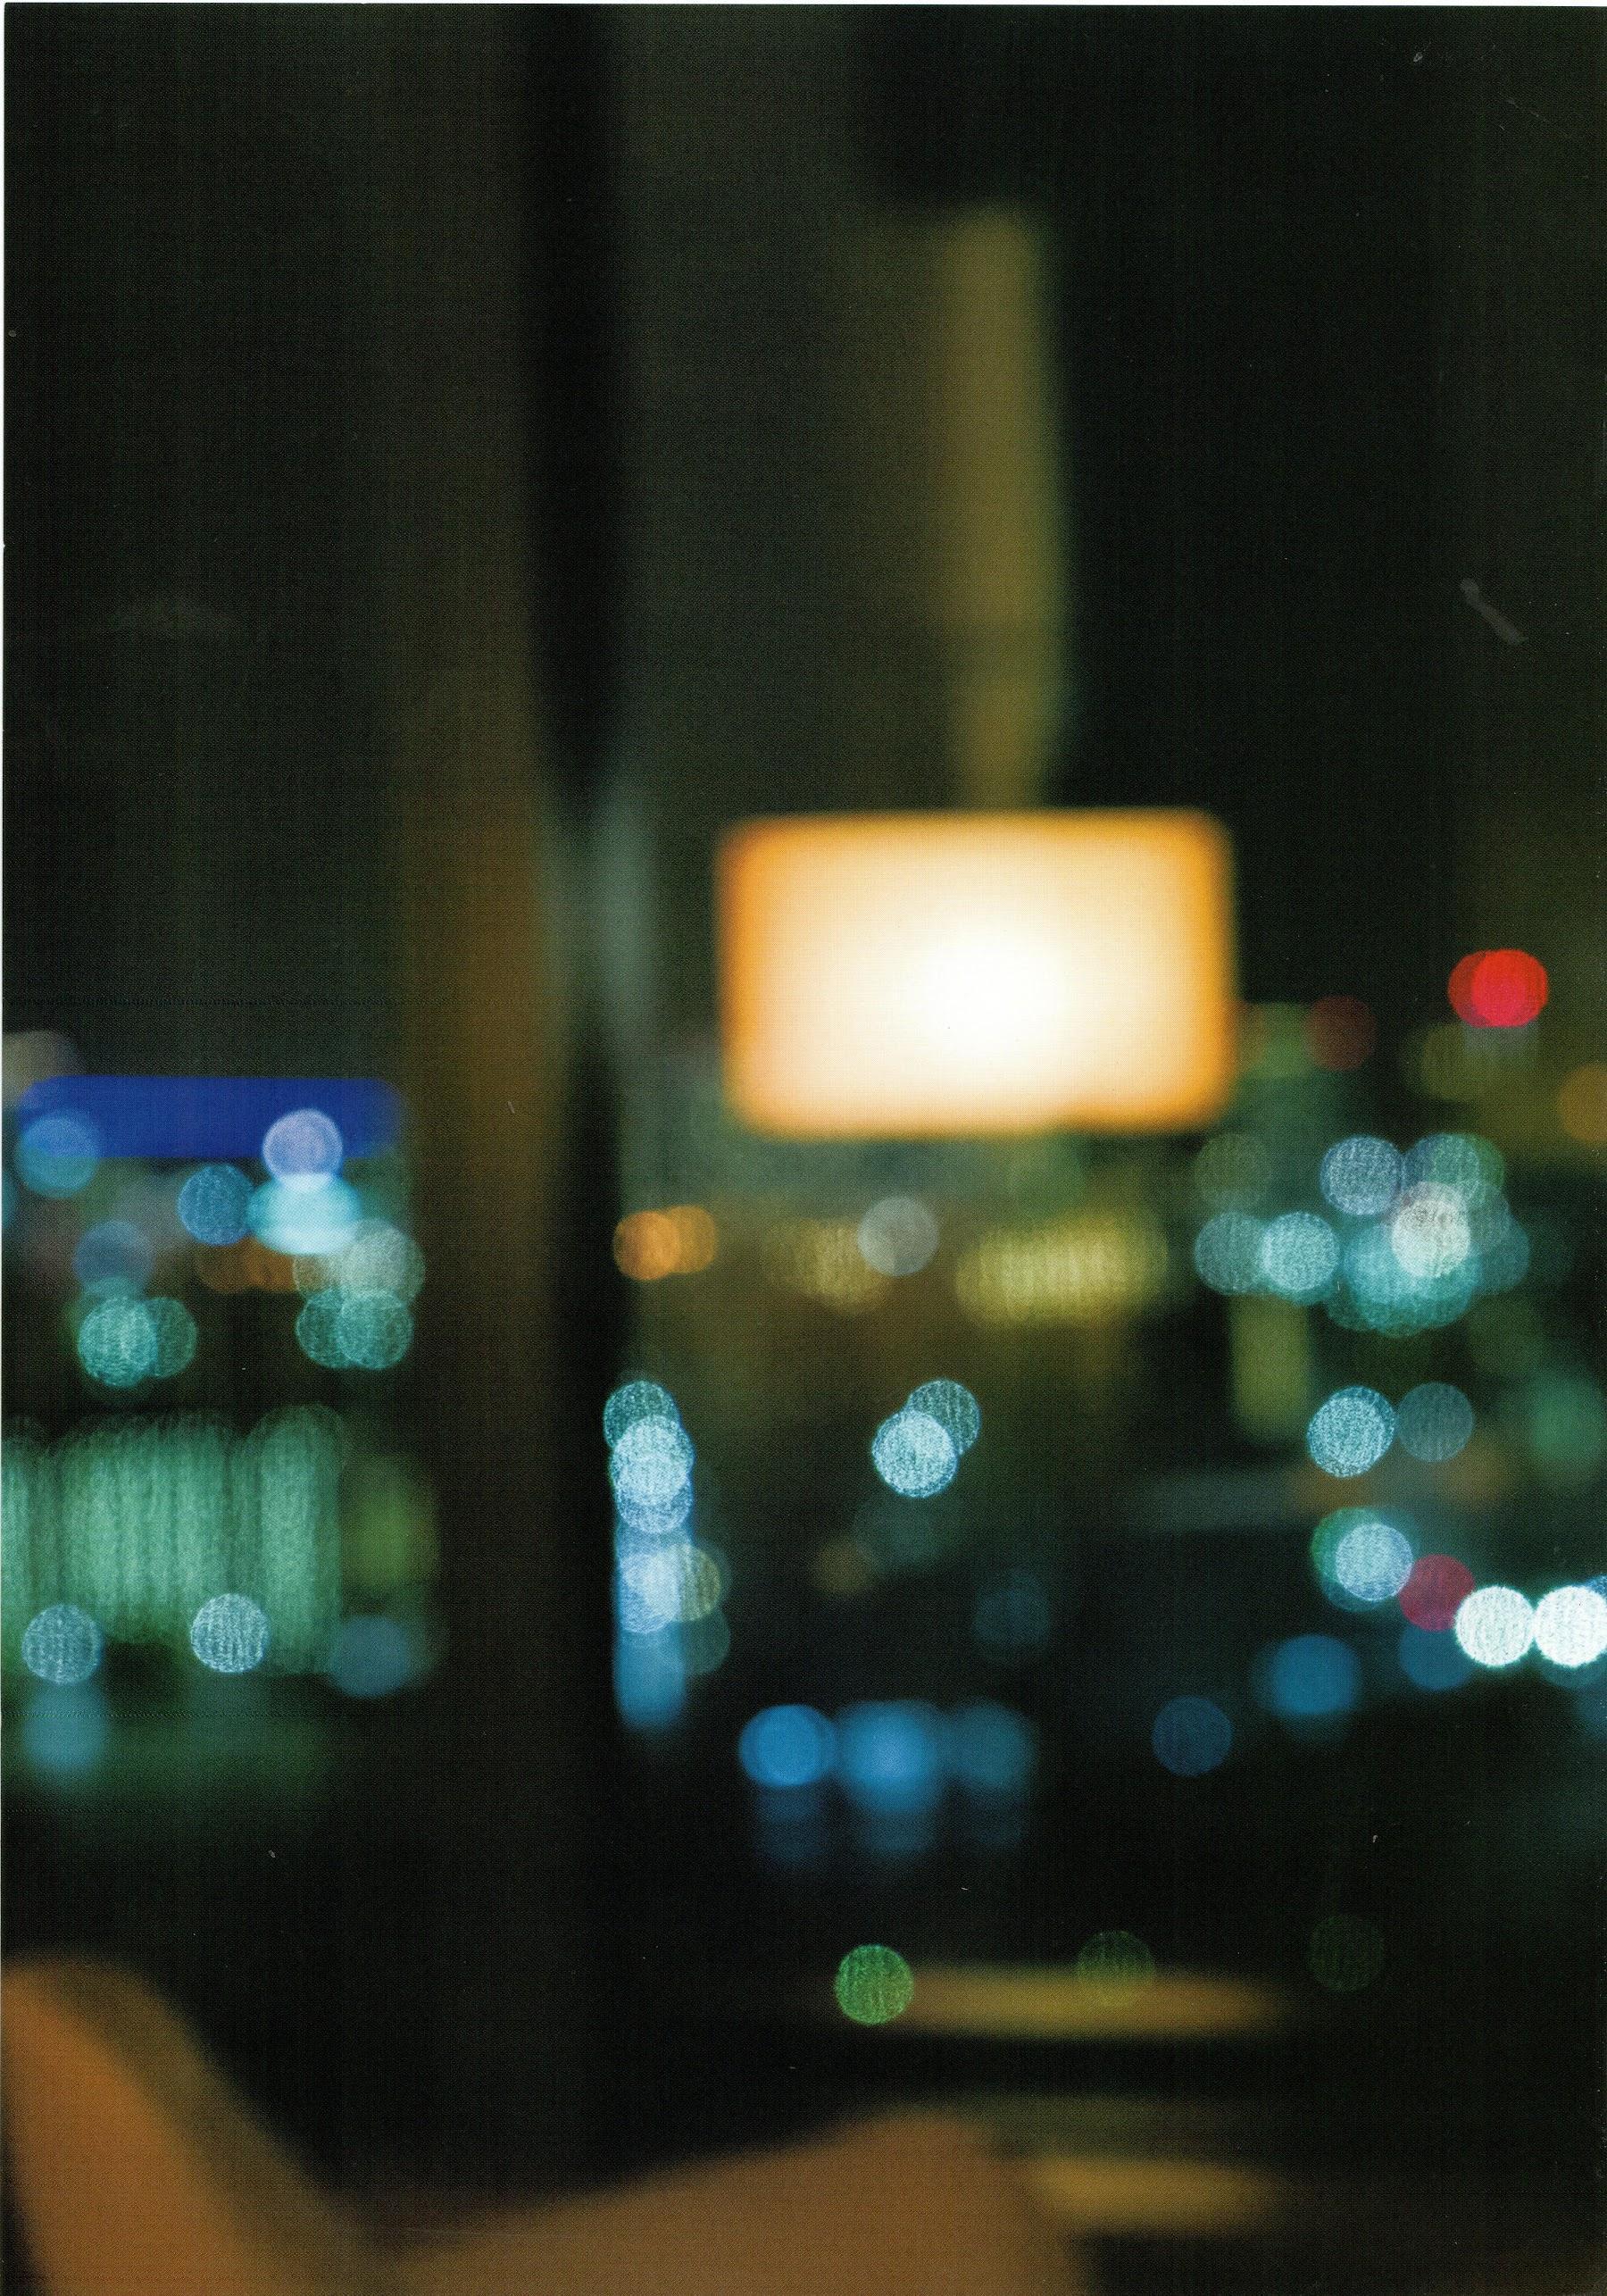 柏木由纪最新写真集《EXPERICEEN》在线欣赏 7N5.NET发布